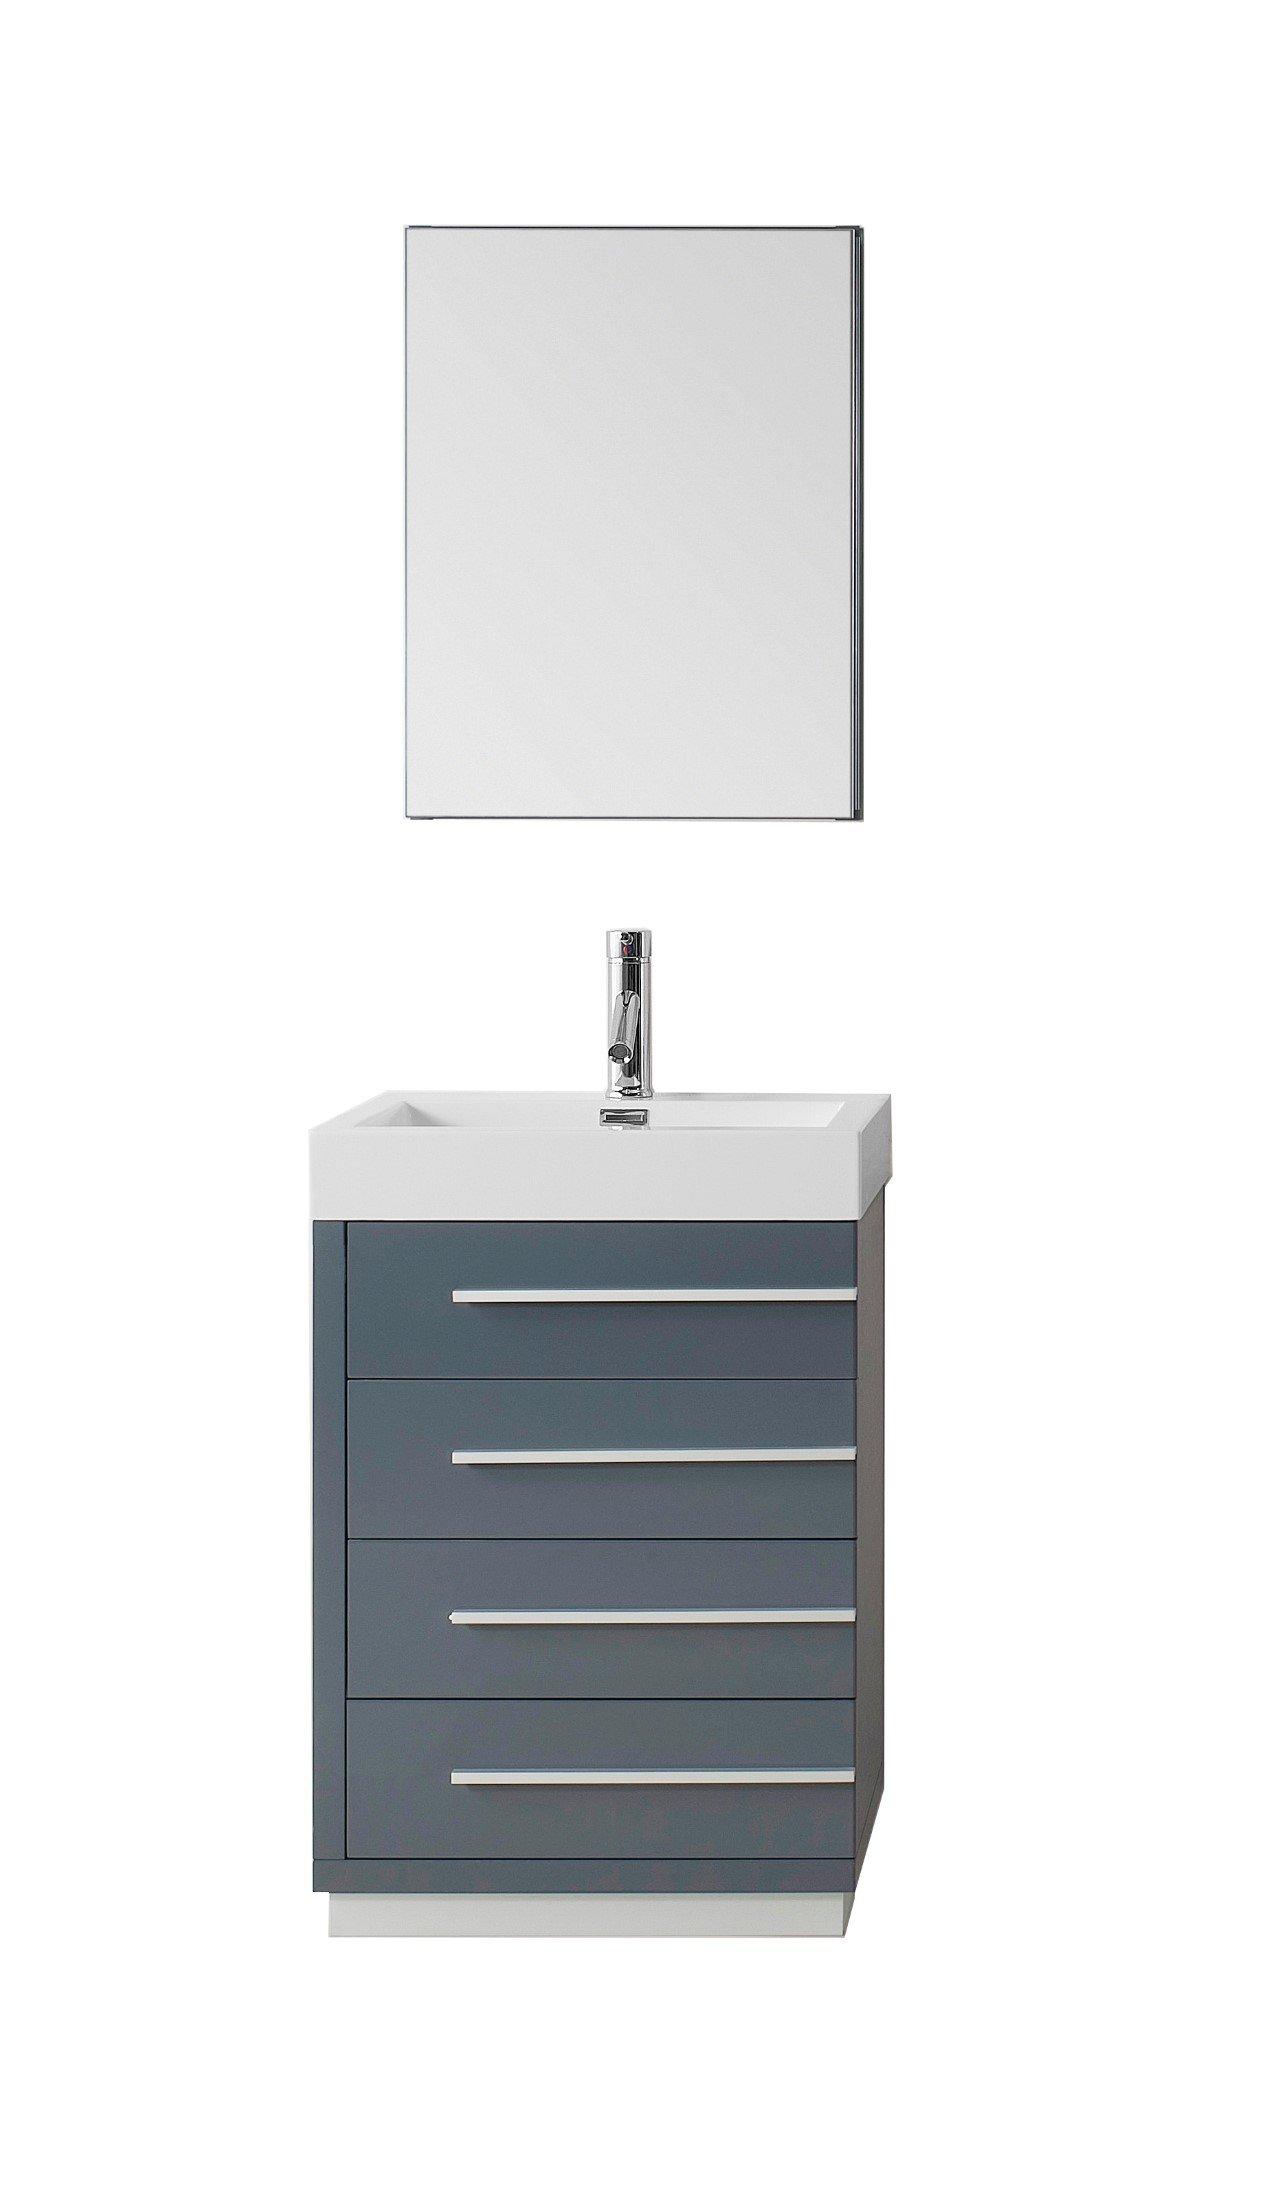 Virtu USA JS-50524-GR Modern 24-Inch Single Sink Bathroom Vanity Set with Polished Chrome Faucet, Grey